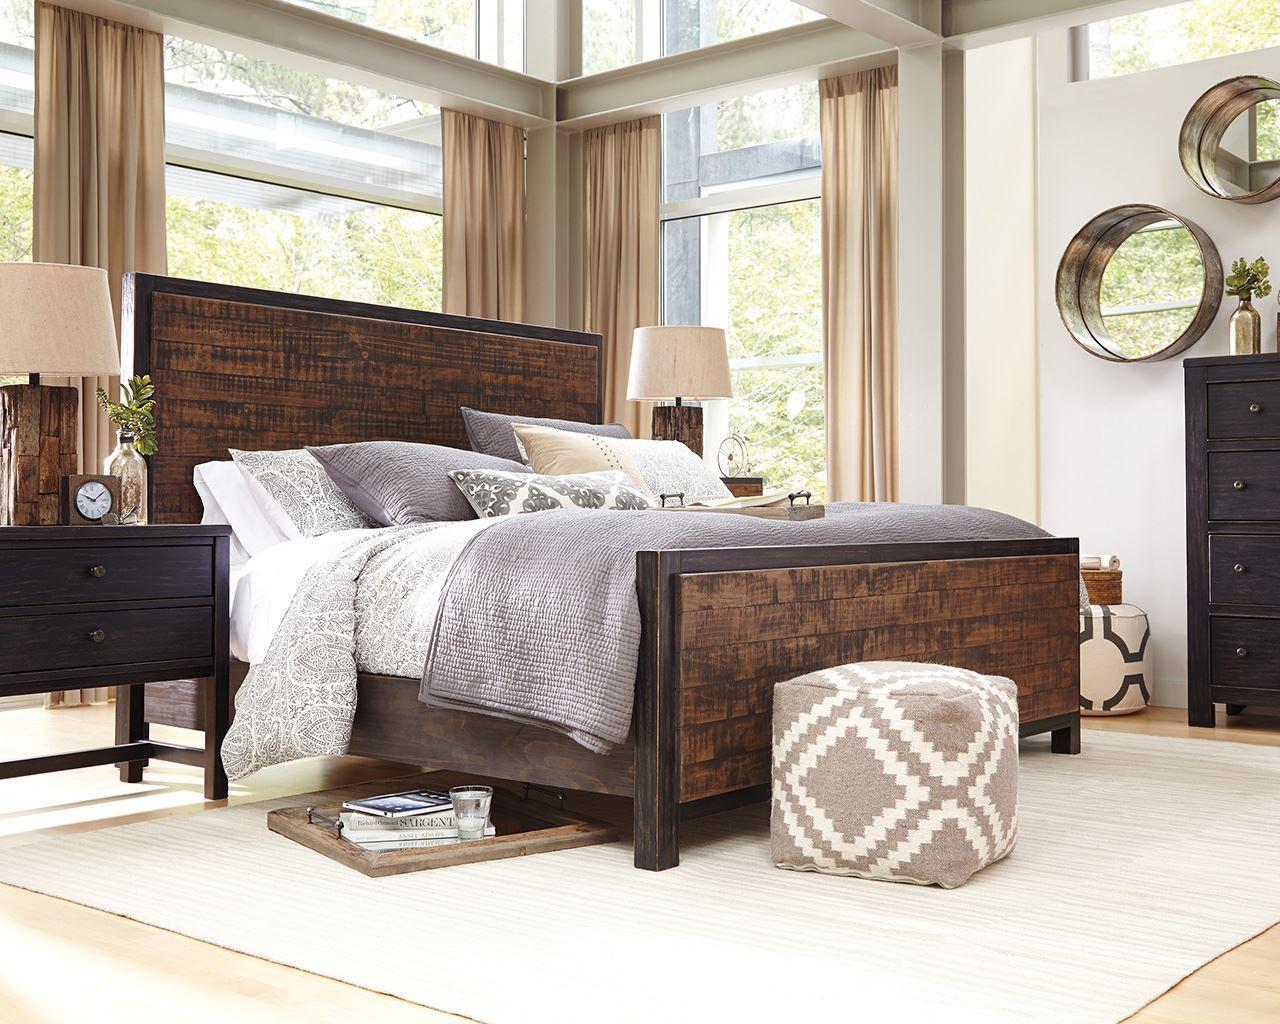 Ashley_0002783_wesling-bed-frame.jpeg